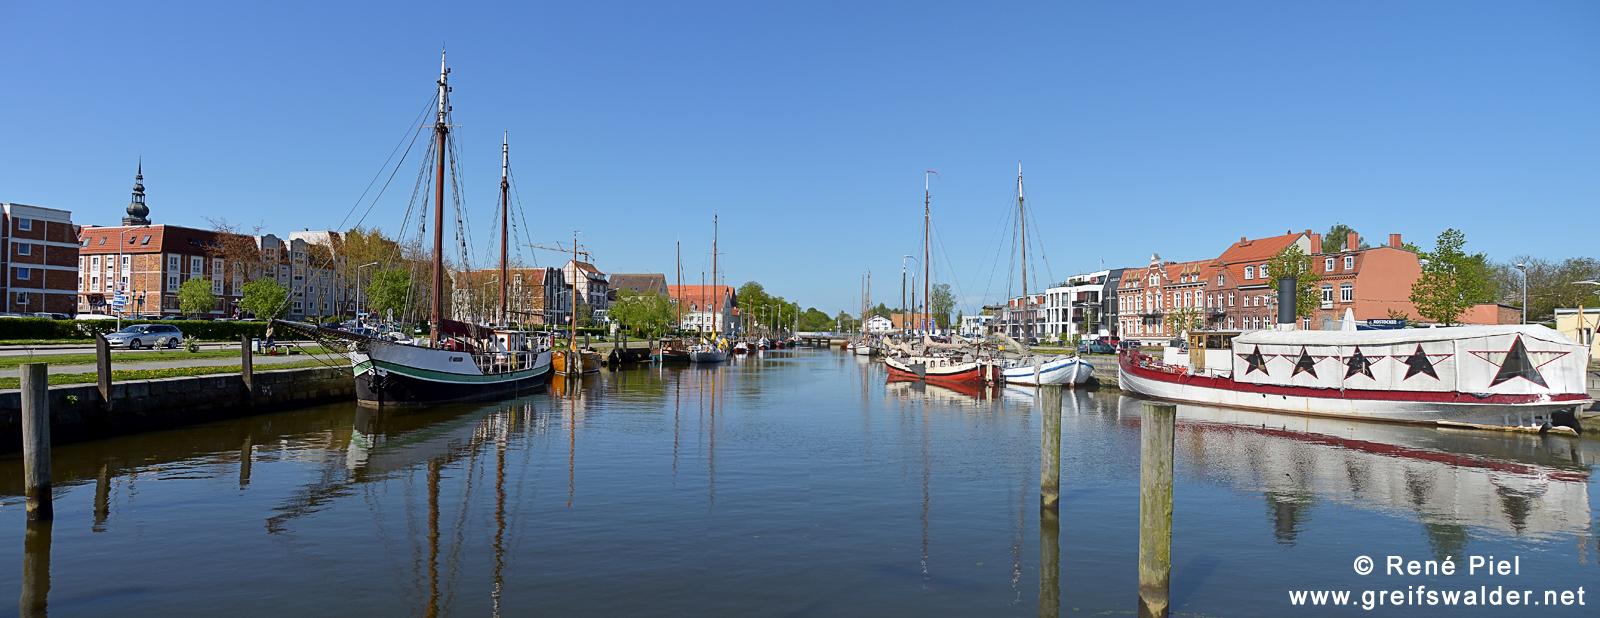 Panorama: Museumshafen Greifswald